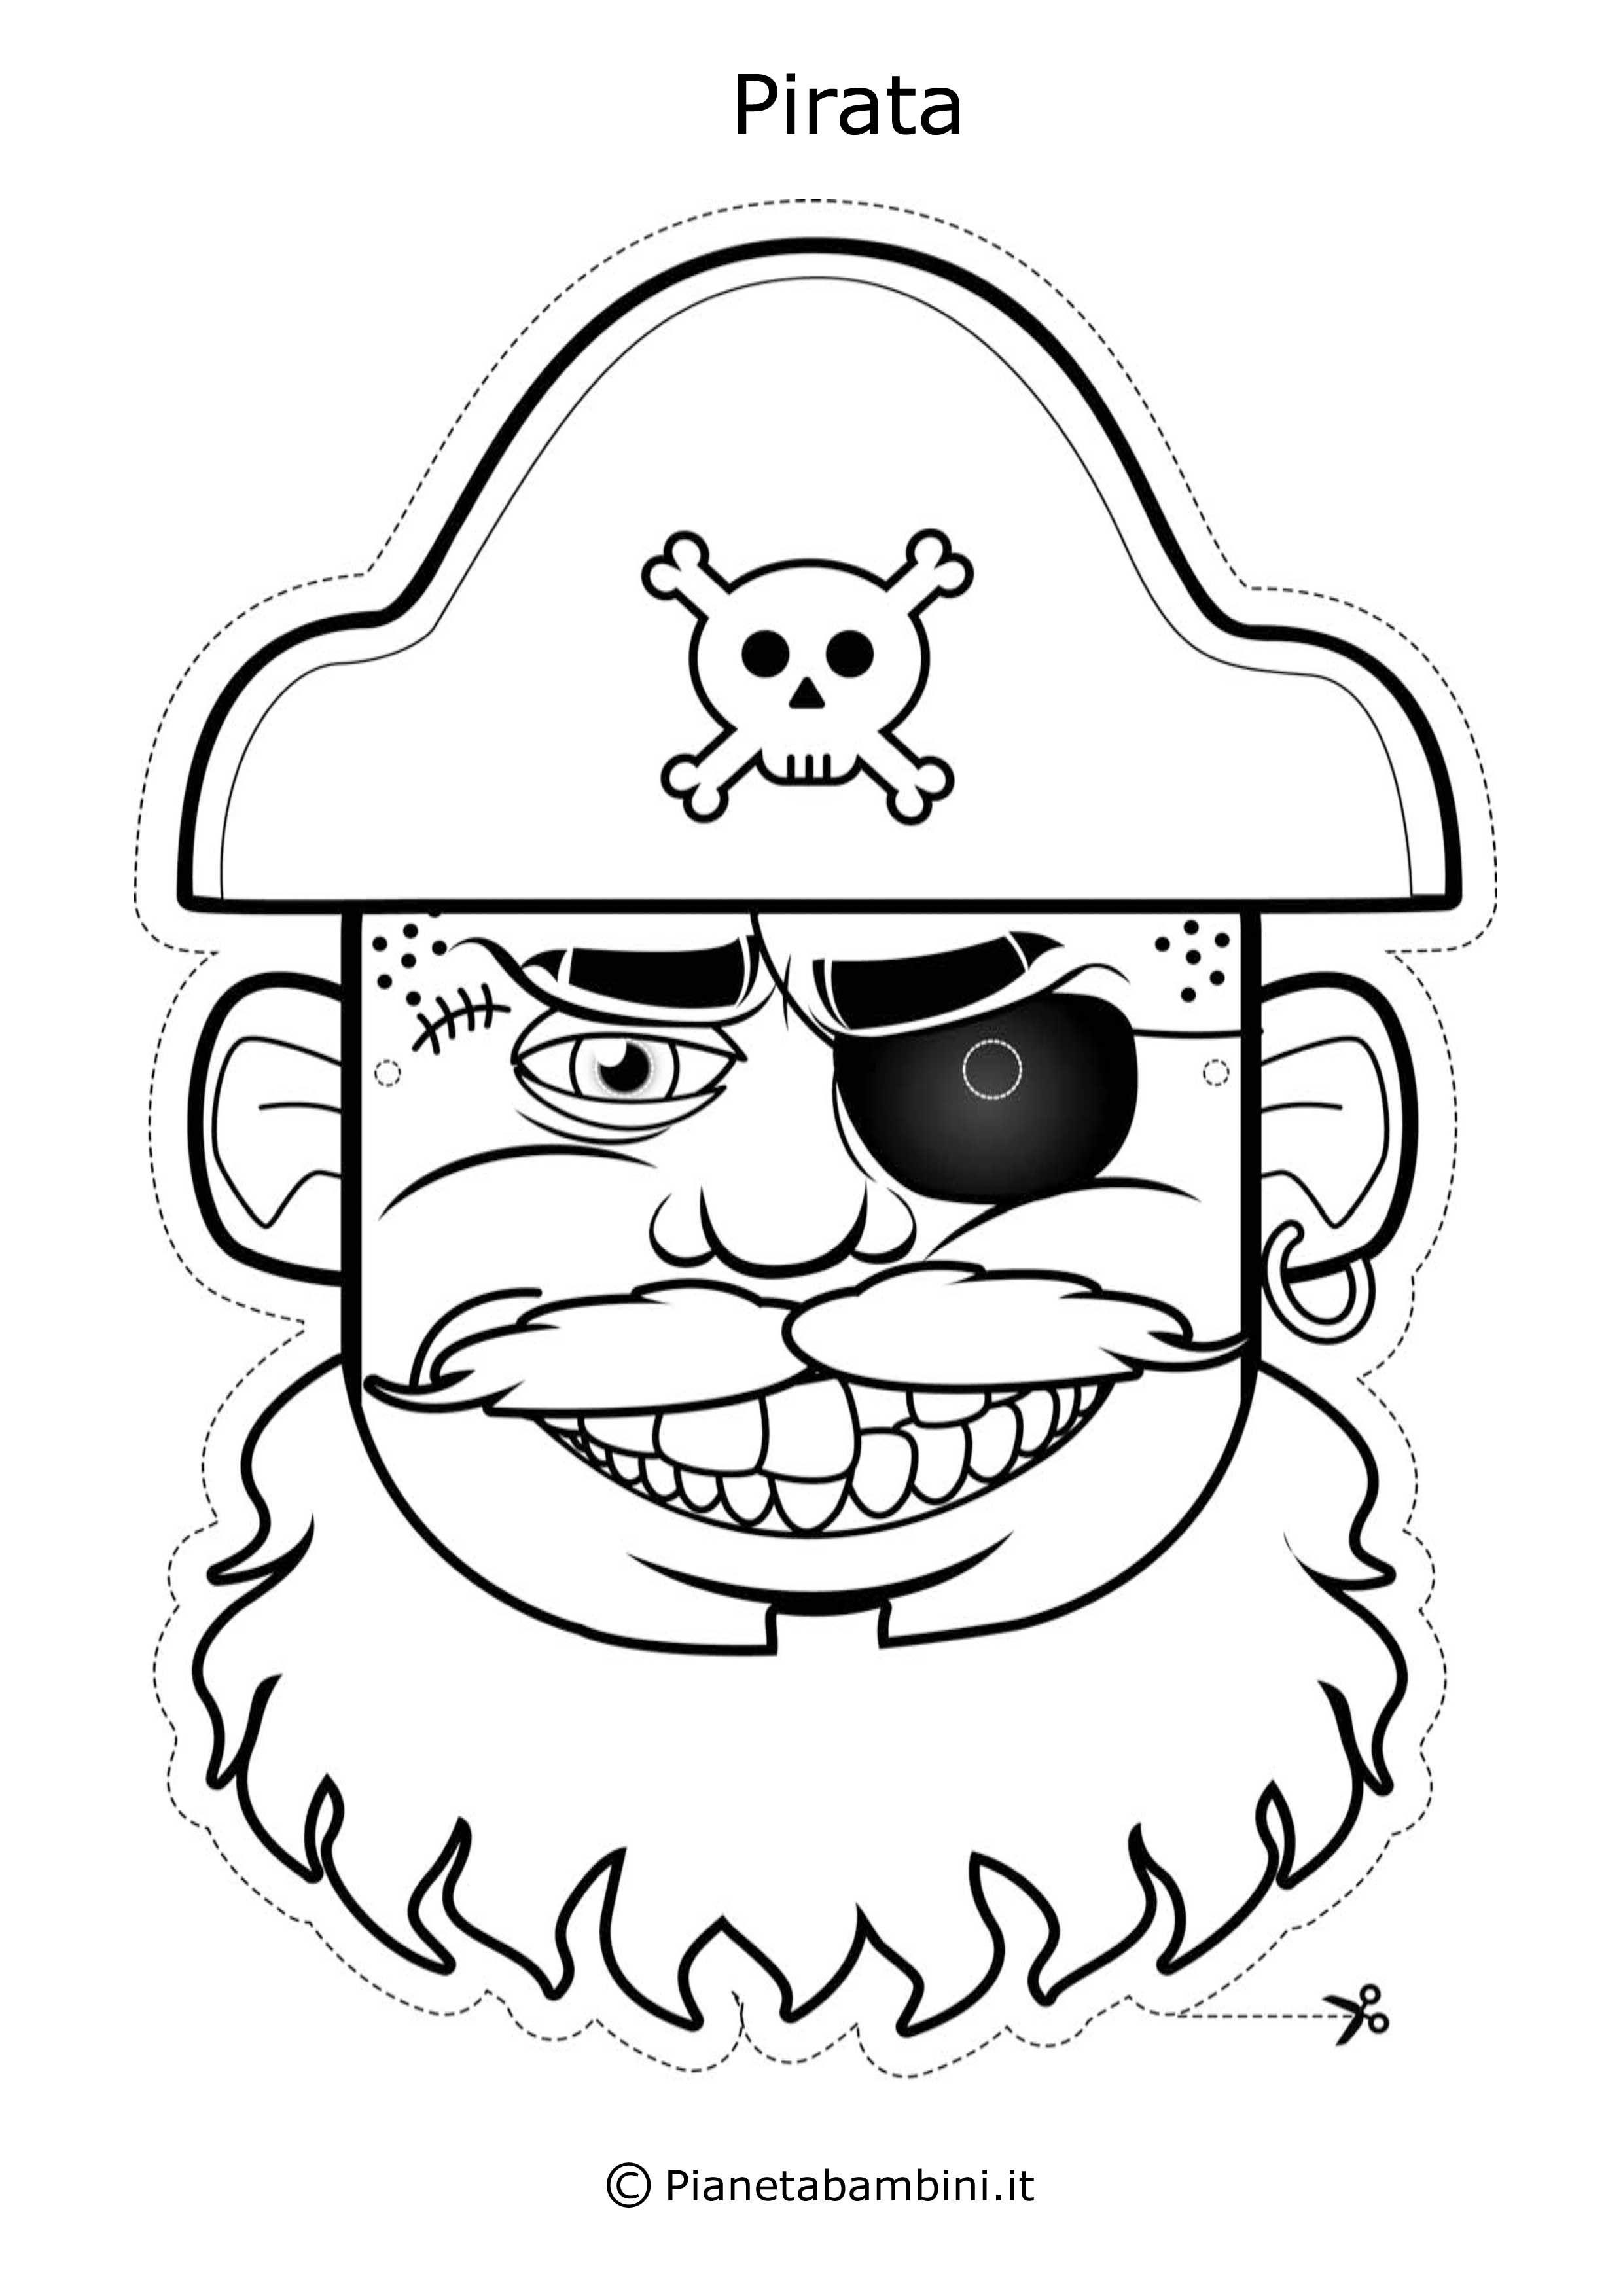 65 Maschere Di Carnevale Da Colorare E Ritagliare Attivita Pirata Tema Pirata Maschere